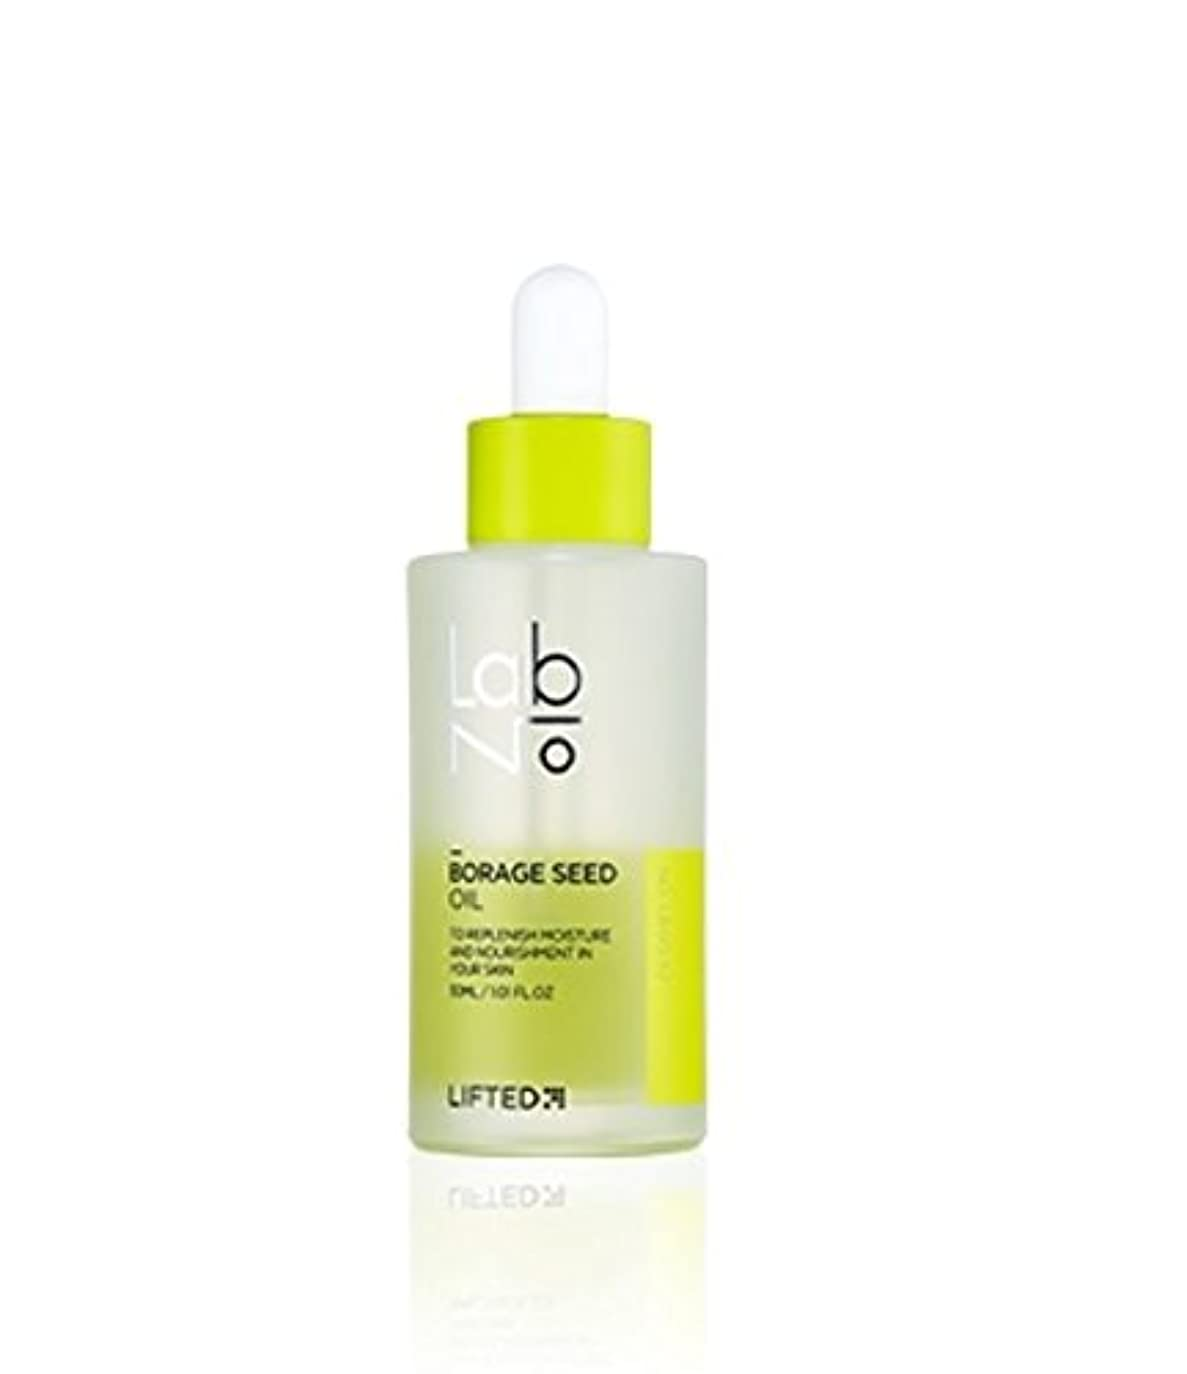 差し控えるアナニバー反発するLabNo リフティッド ボリジ シード オイル / Labno Lifted Borage Seed Oil (30ml) [並行輸入品]